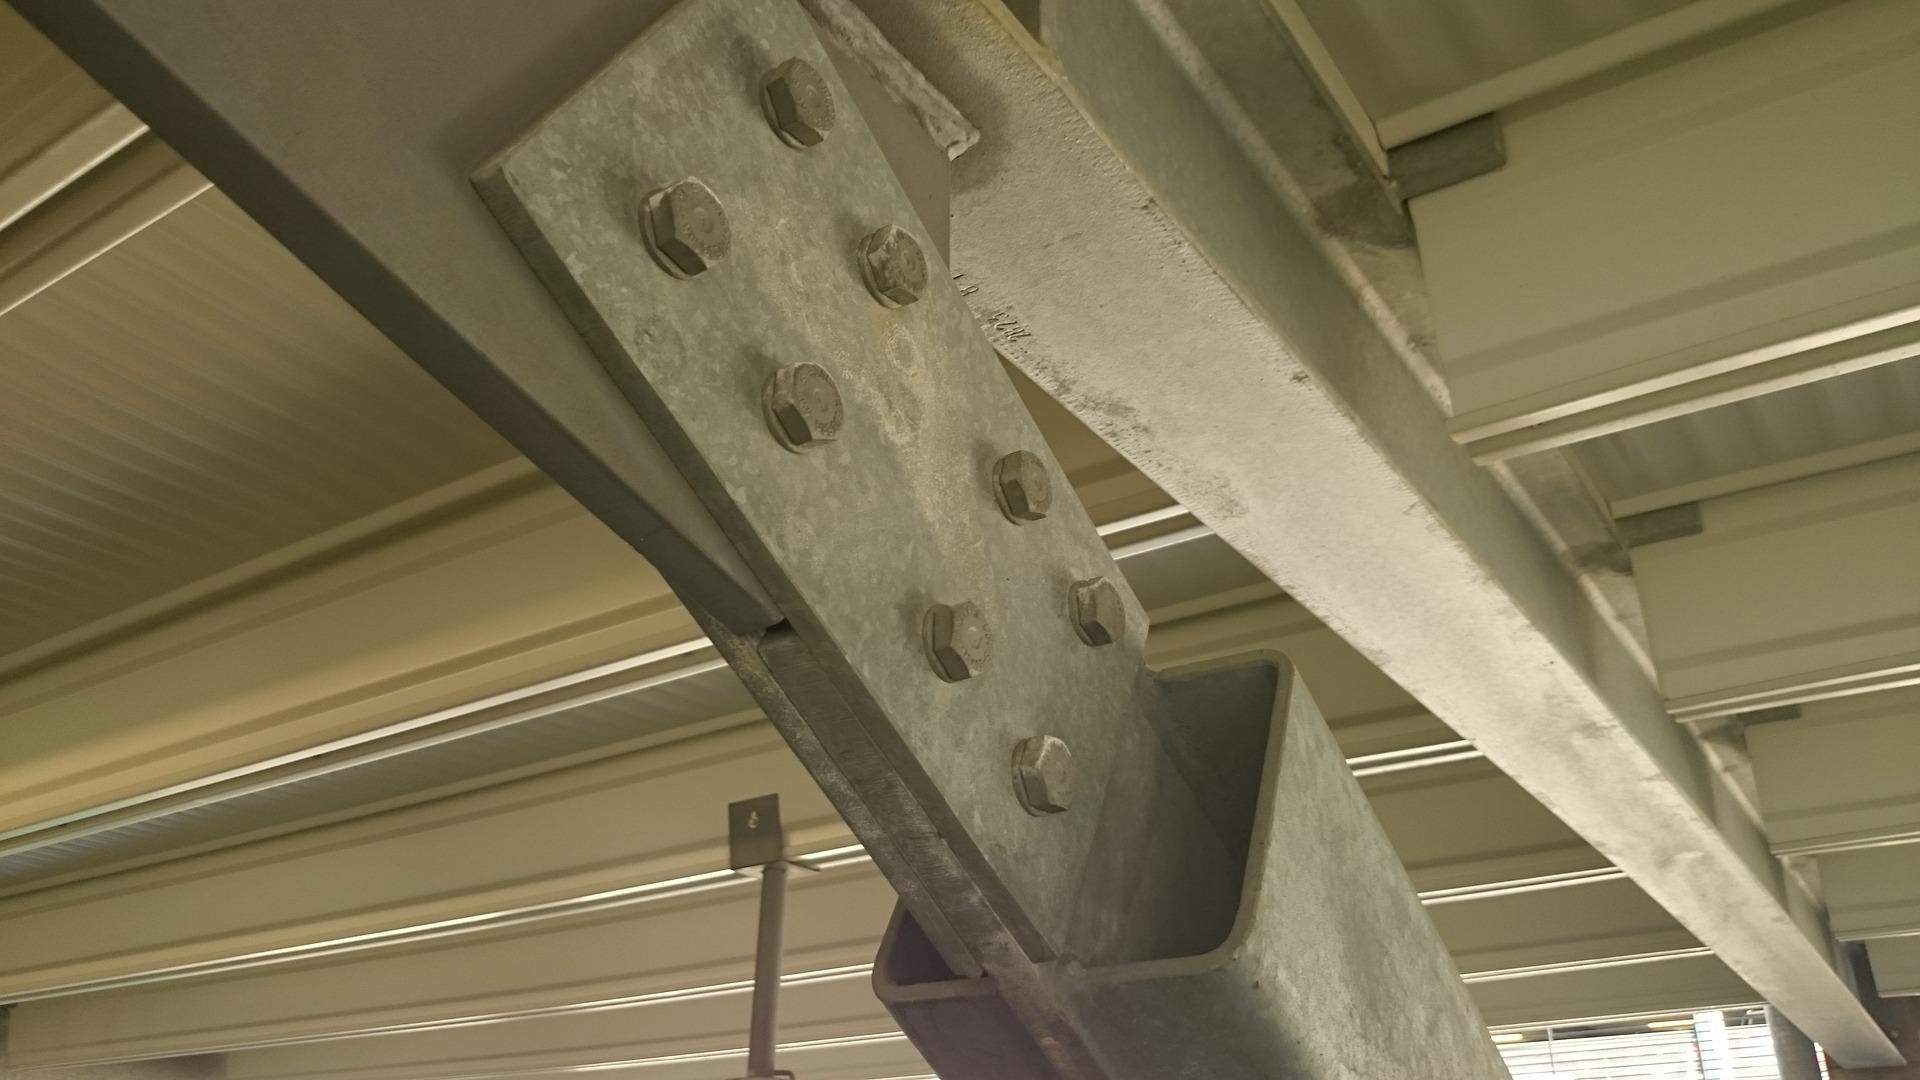 connection between steel beams